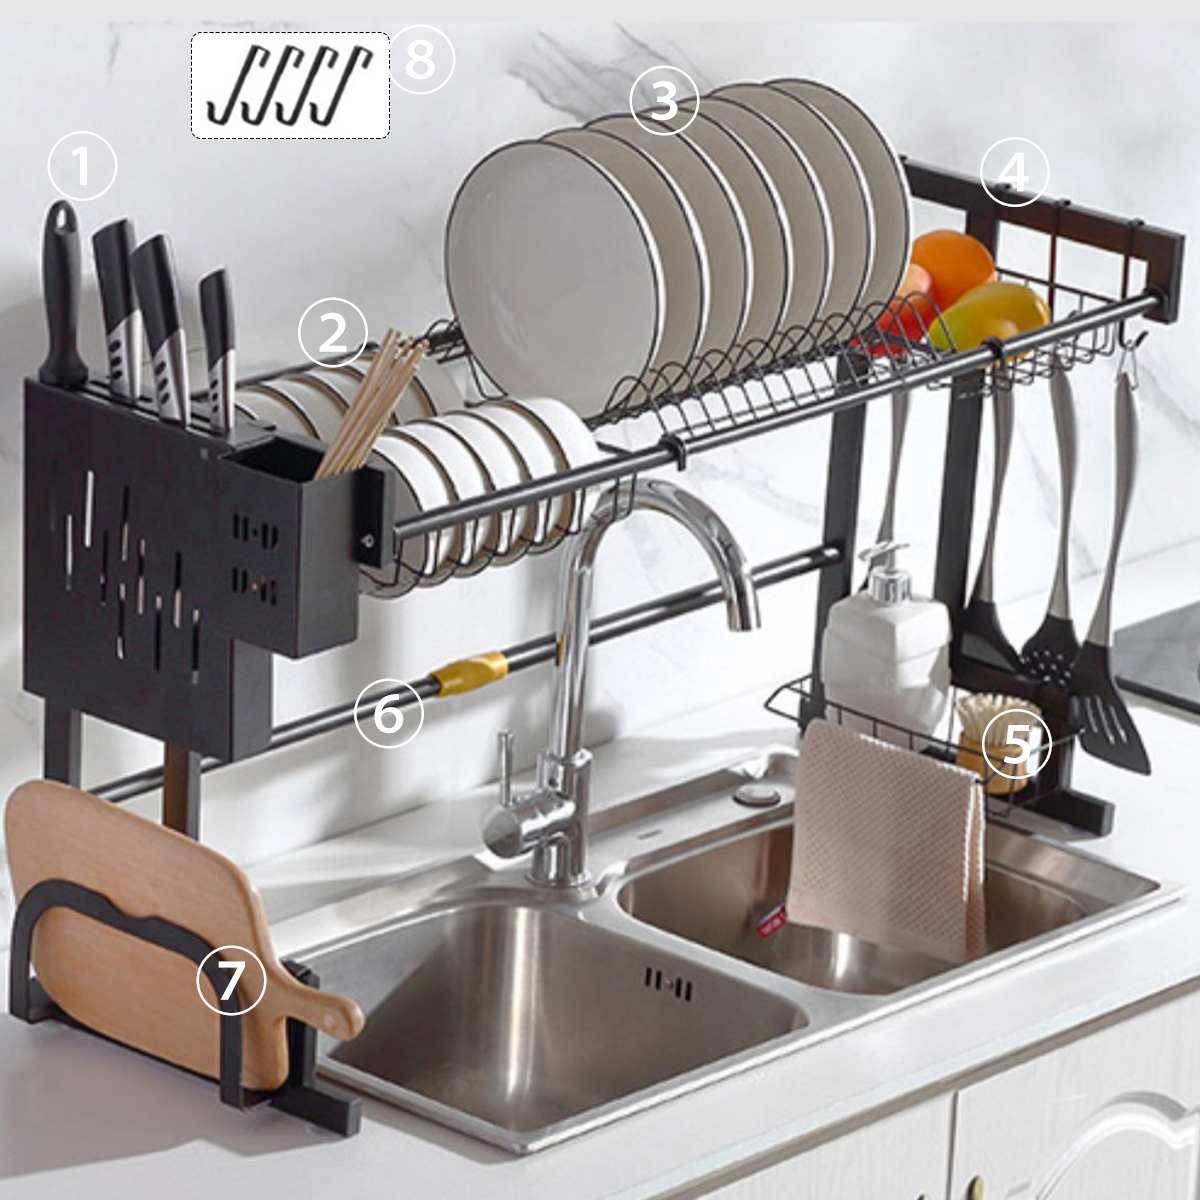 2 تيير طبق تجفيف الفولاذ طبق رف المطبخ تخزين الرف غسل حامل سلة مطلي سكين بالوعة تجفيف المنظم أدوات